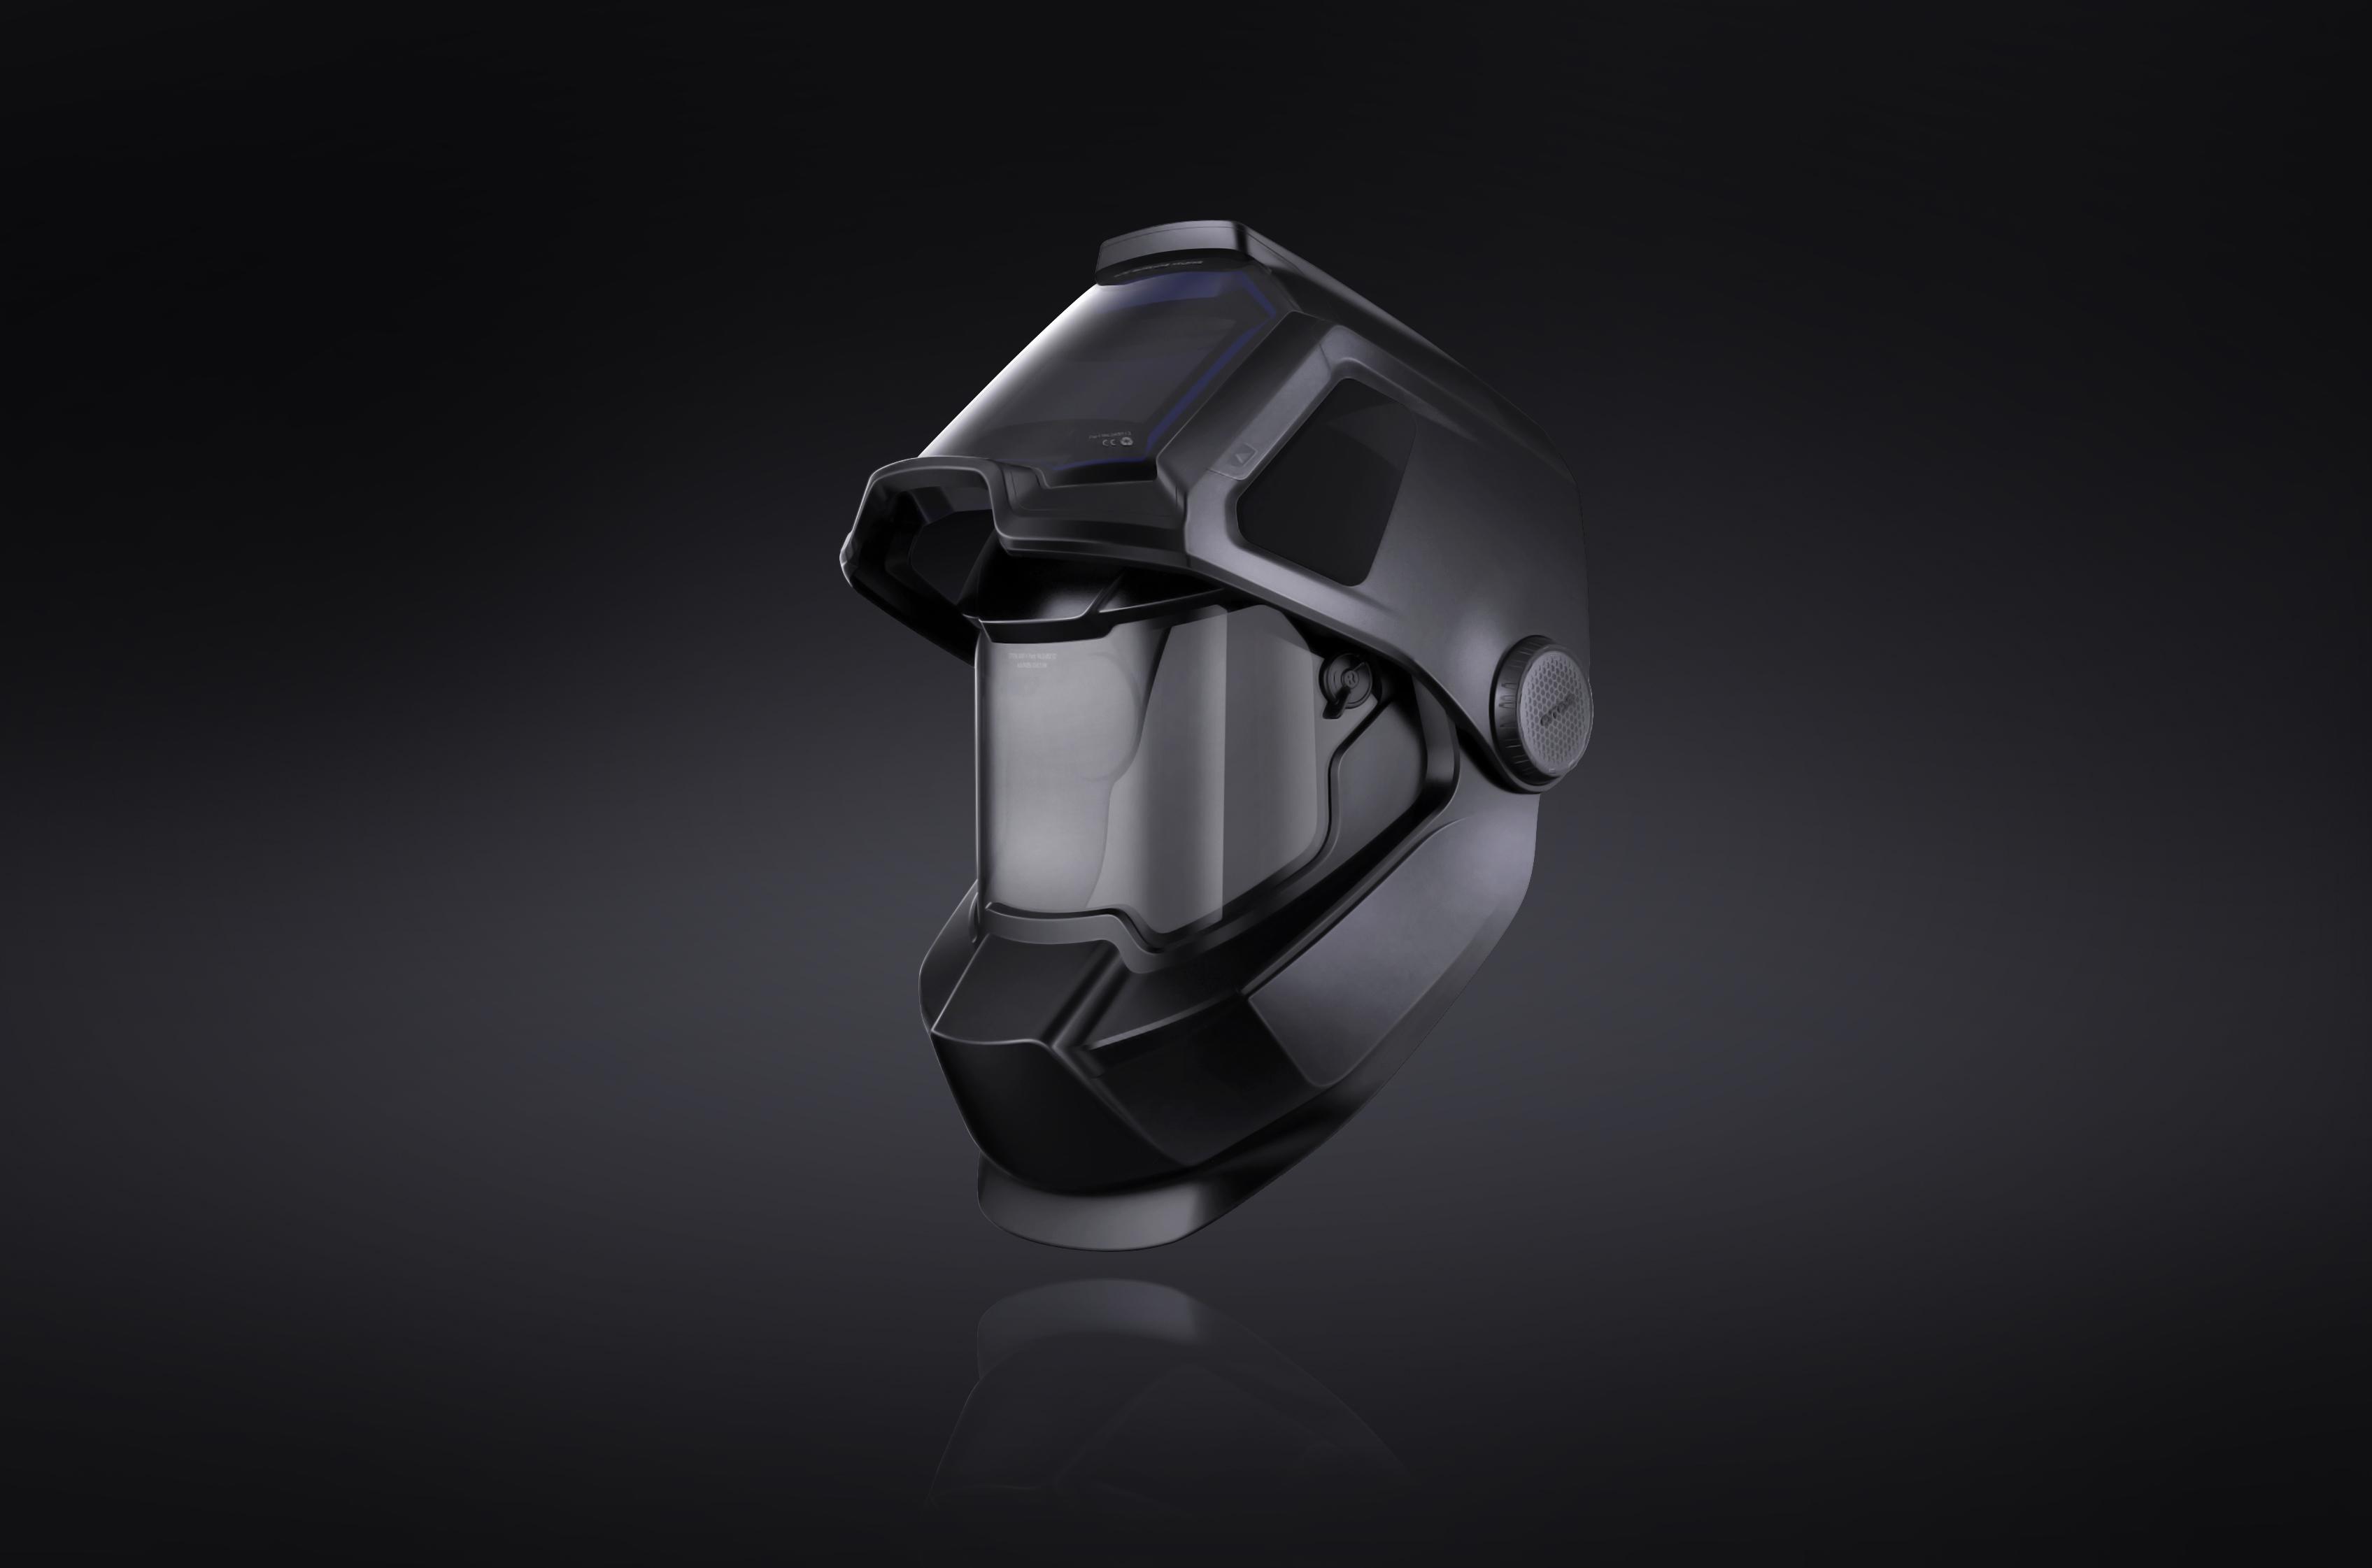 helmet_open